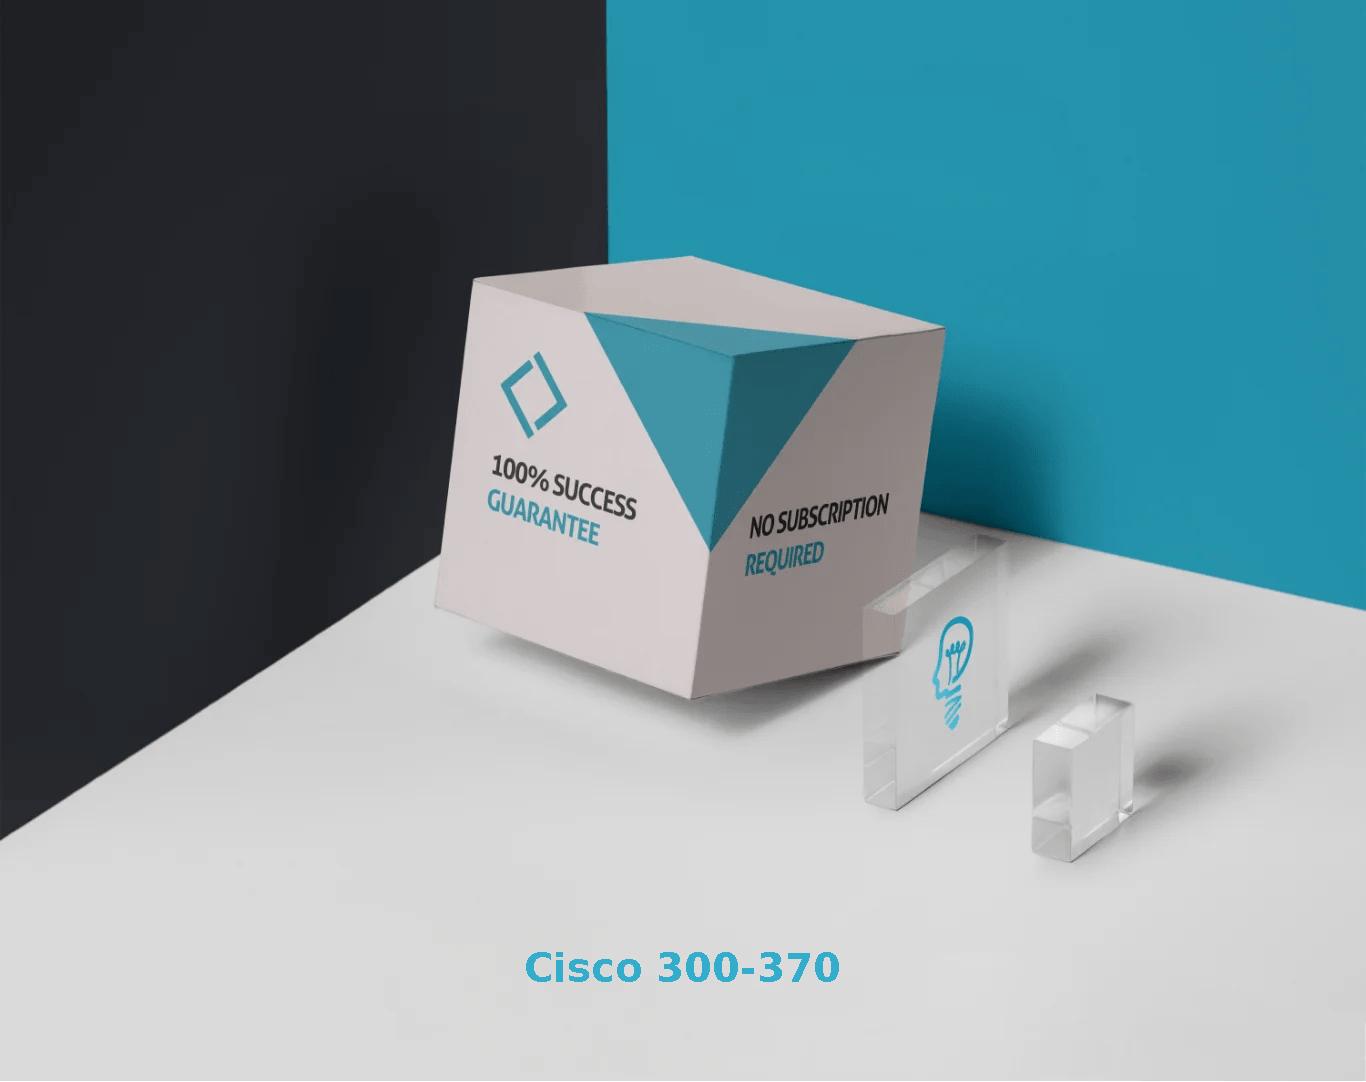 Cisco 300-370 Exams